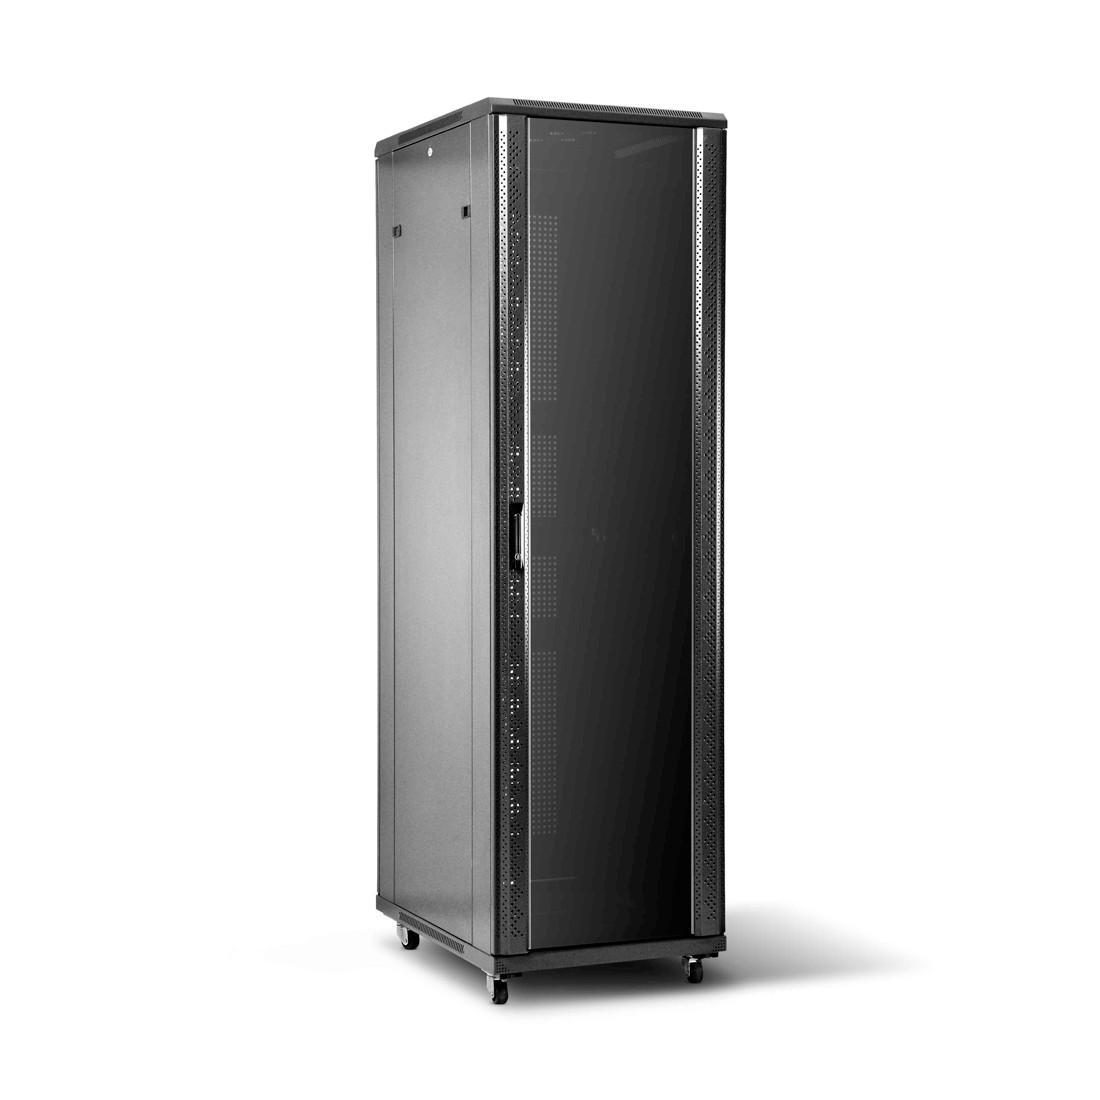 SHIP 601S.6842.24.100 Шкаф серверный 124 серия, 19'' 42U, 600*800*2000 мм, Ш*Г*В, IP20, Чёрный